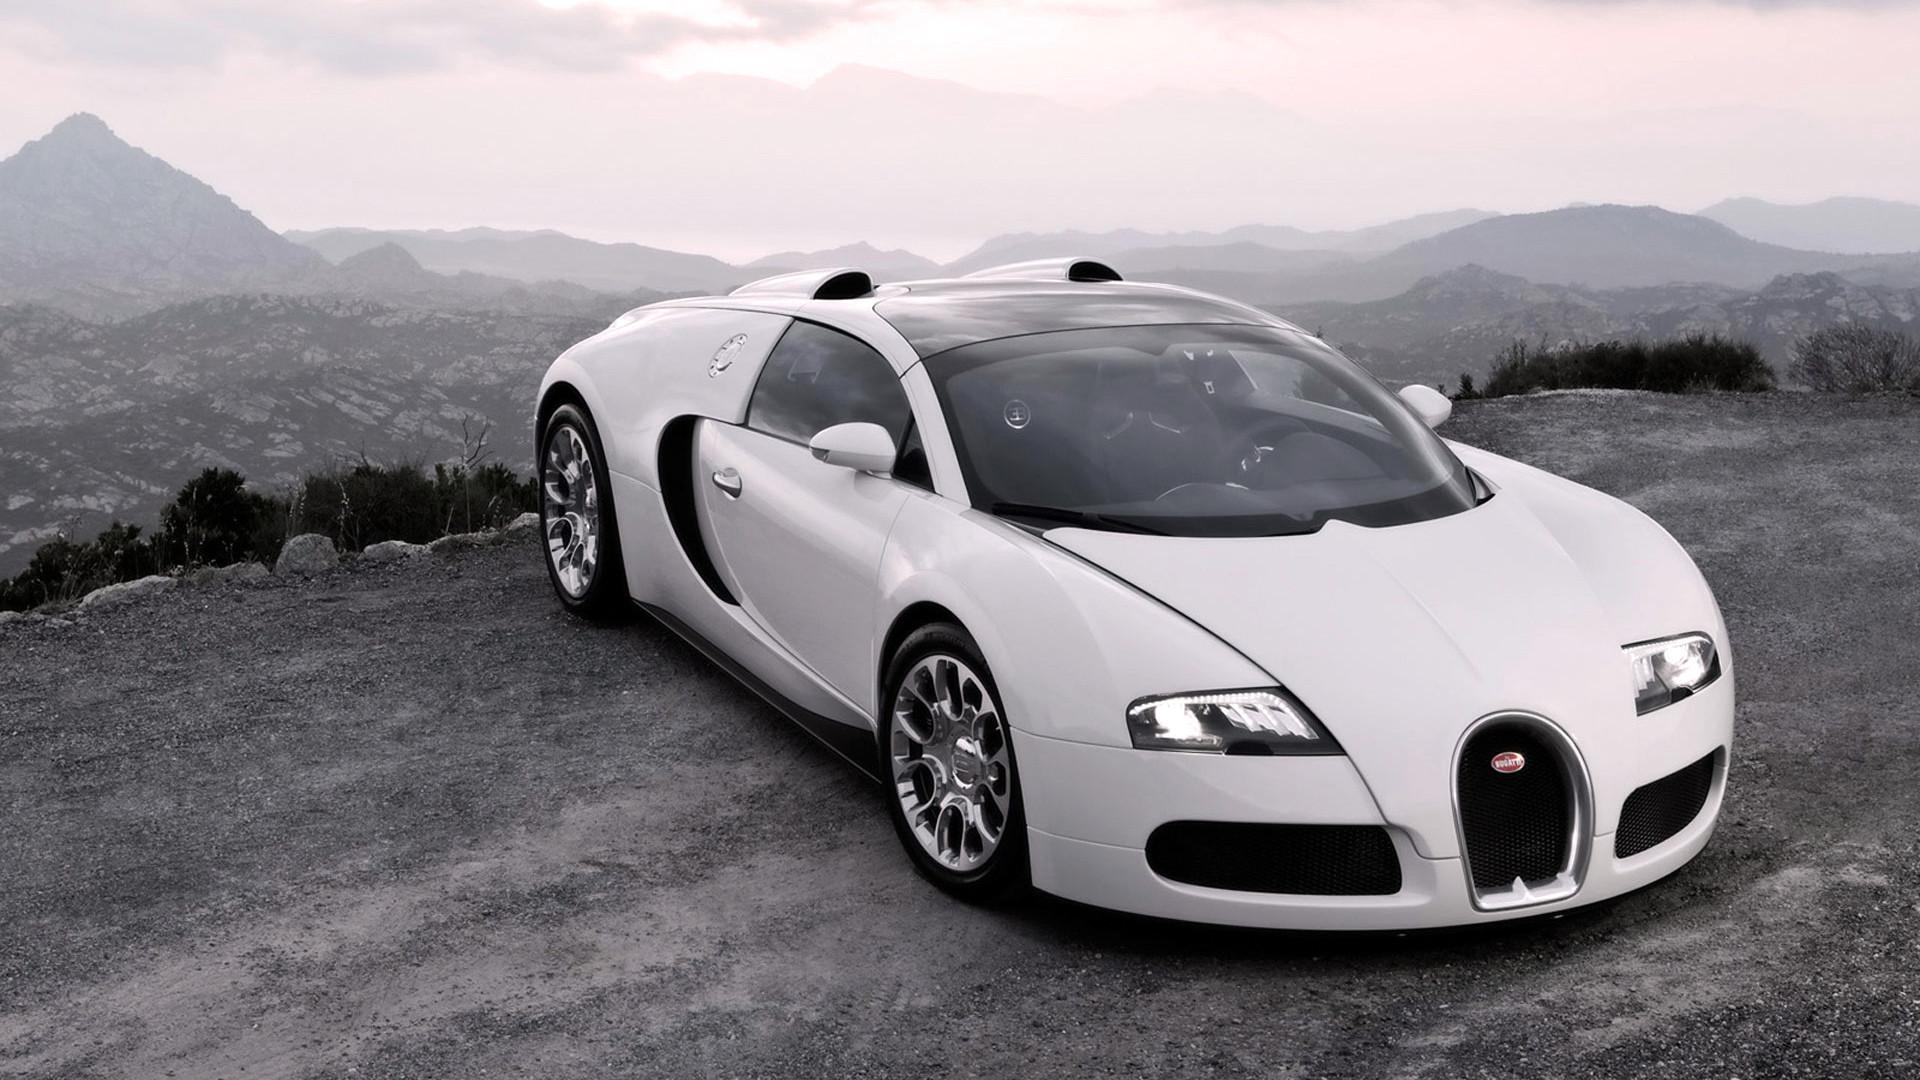 Wallpaper Bugatti Veyron Super Sport: Bugatti Veyron Super Sport Wallpaper ·① WallpaperTag